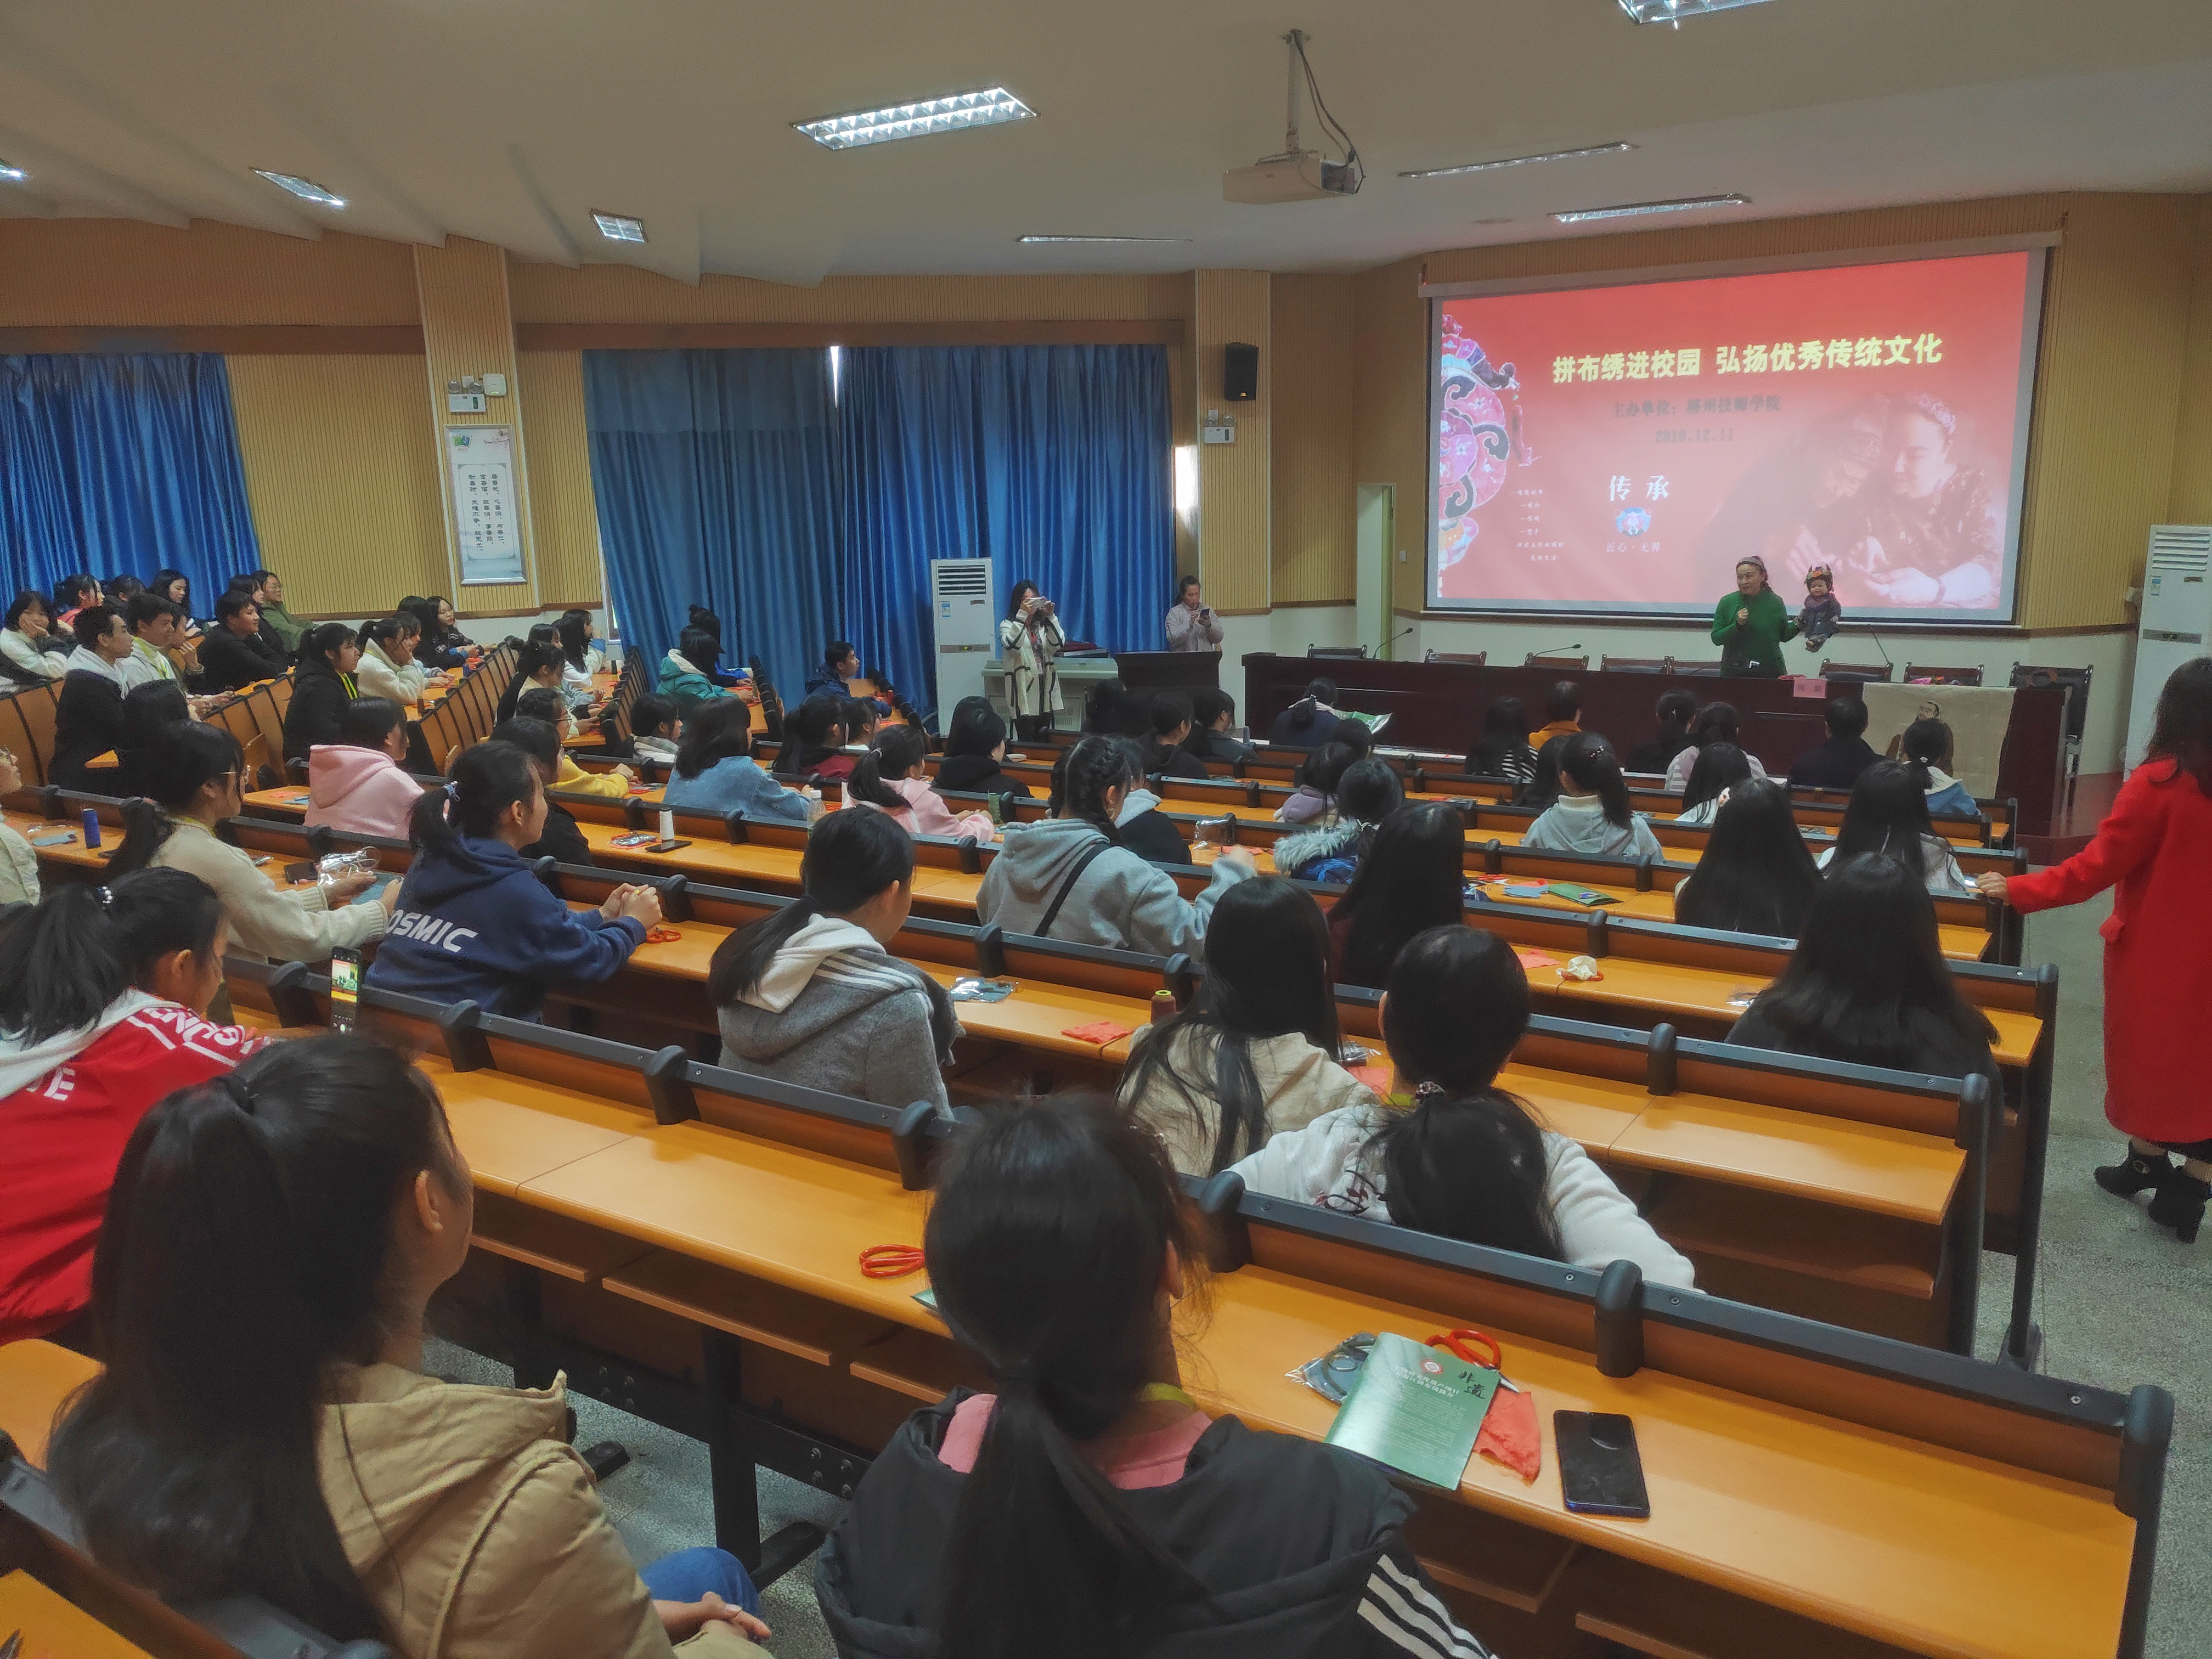 學生工作處舉行大布江拼布繡體驗活動